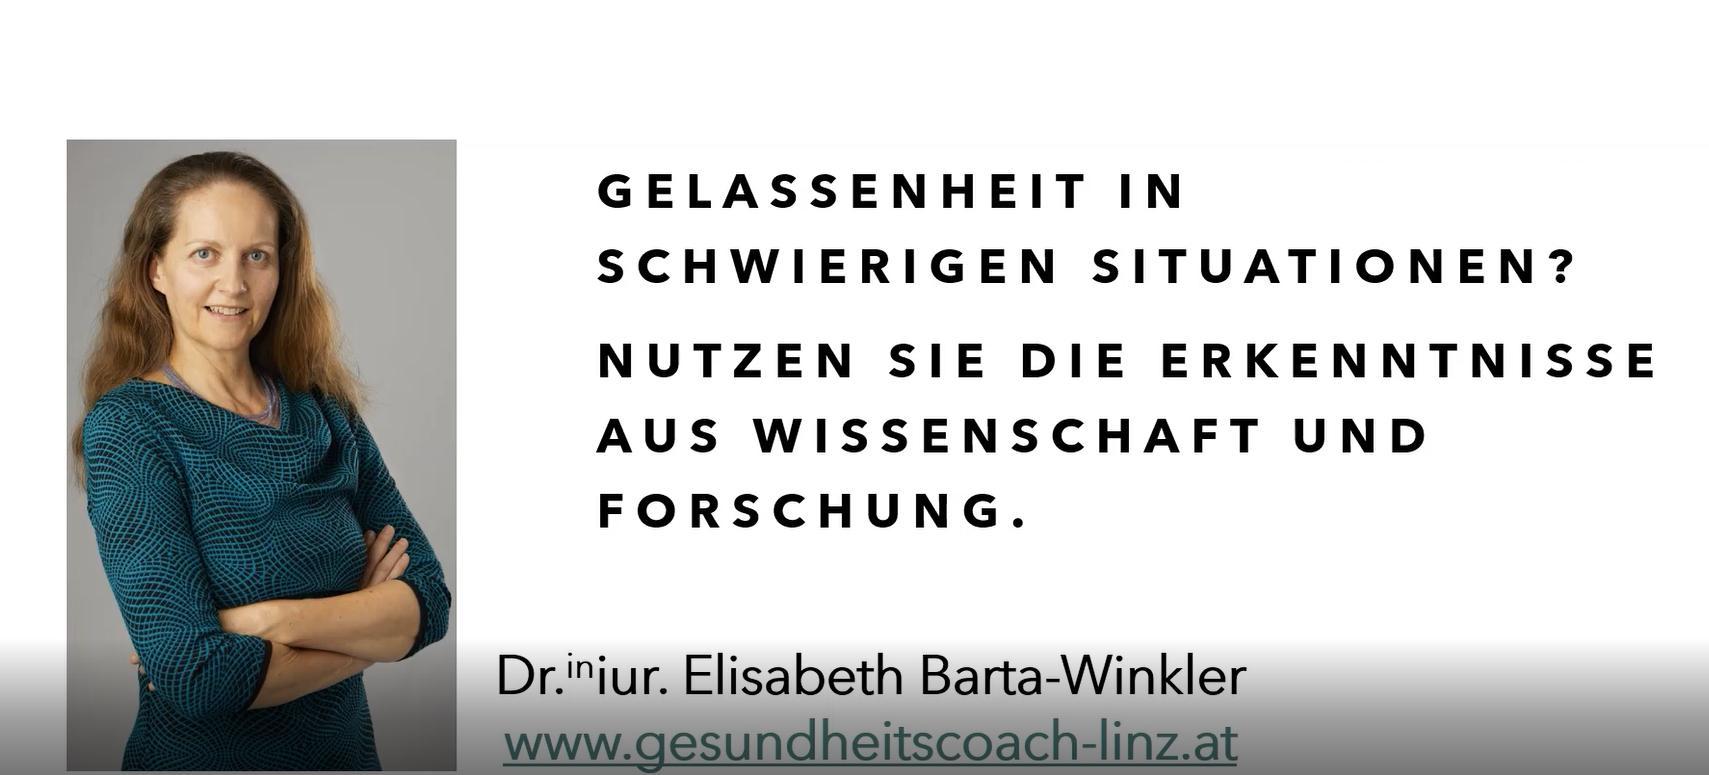 Video-Vortrag für Linzer Frauengesundheitszentrum